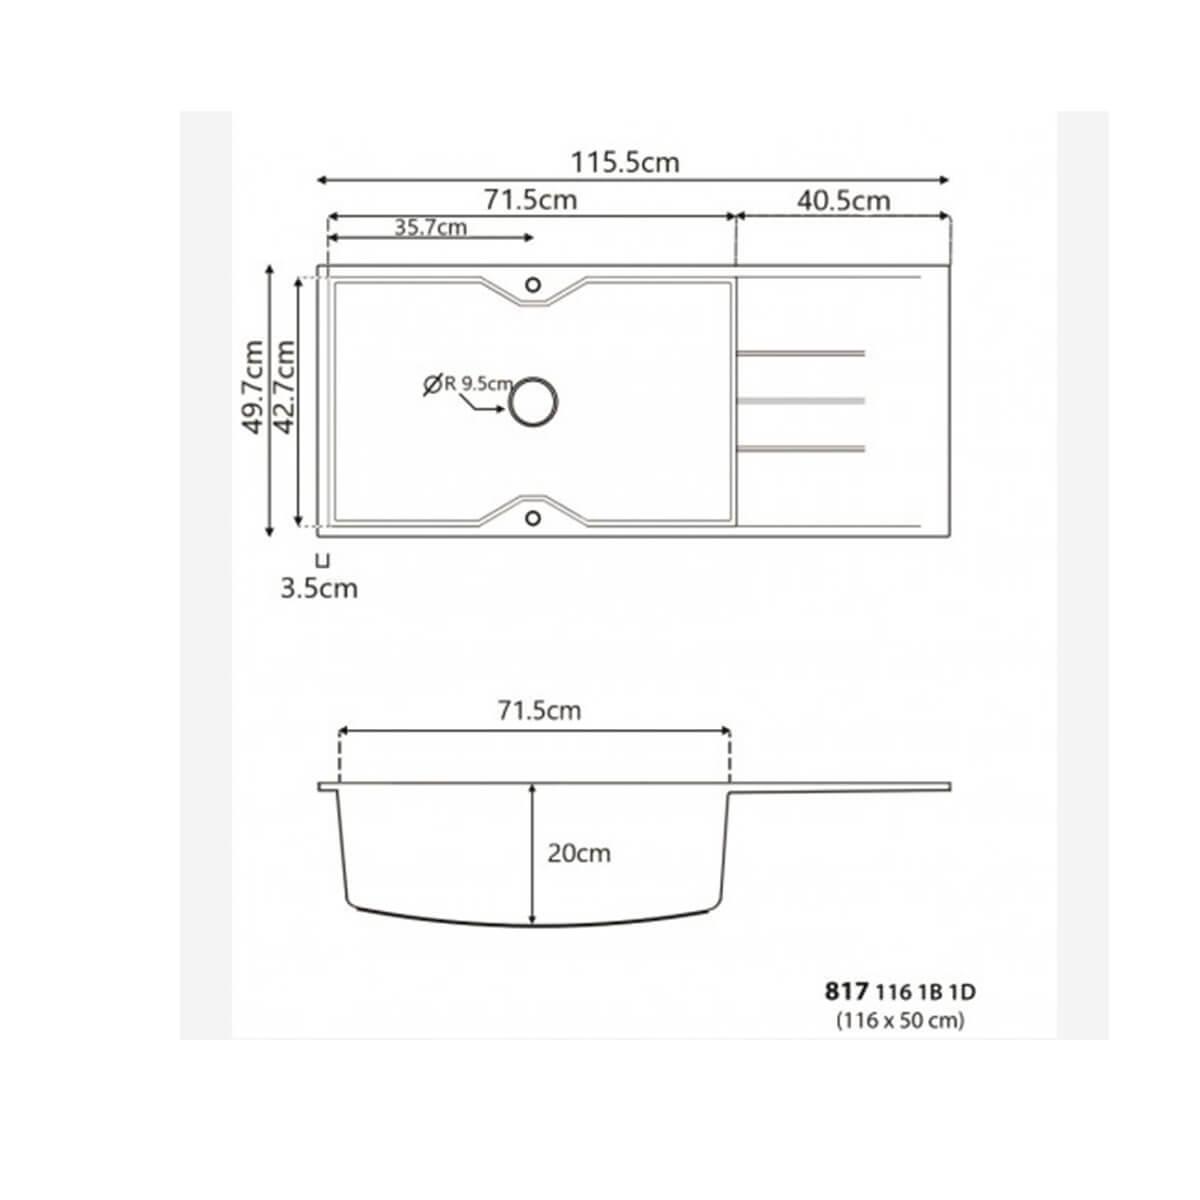 SANITEC ULTRA GRANITE No 817 1B 1D OCRA (116X50) 2